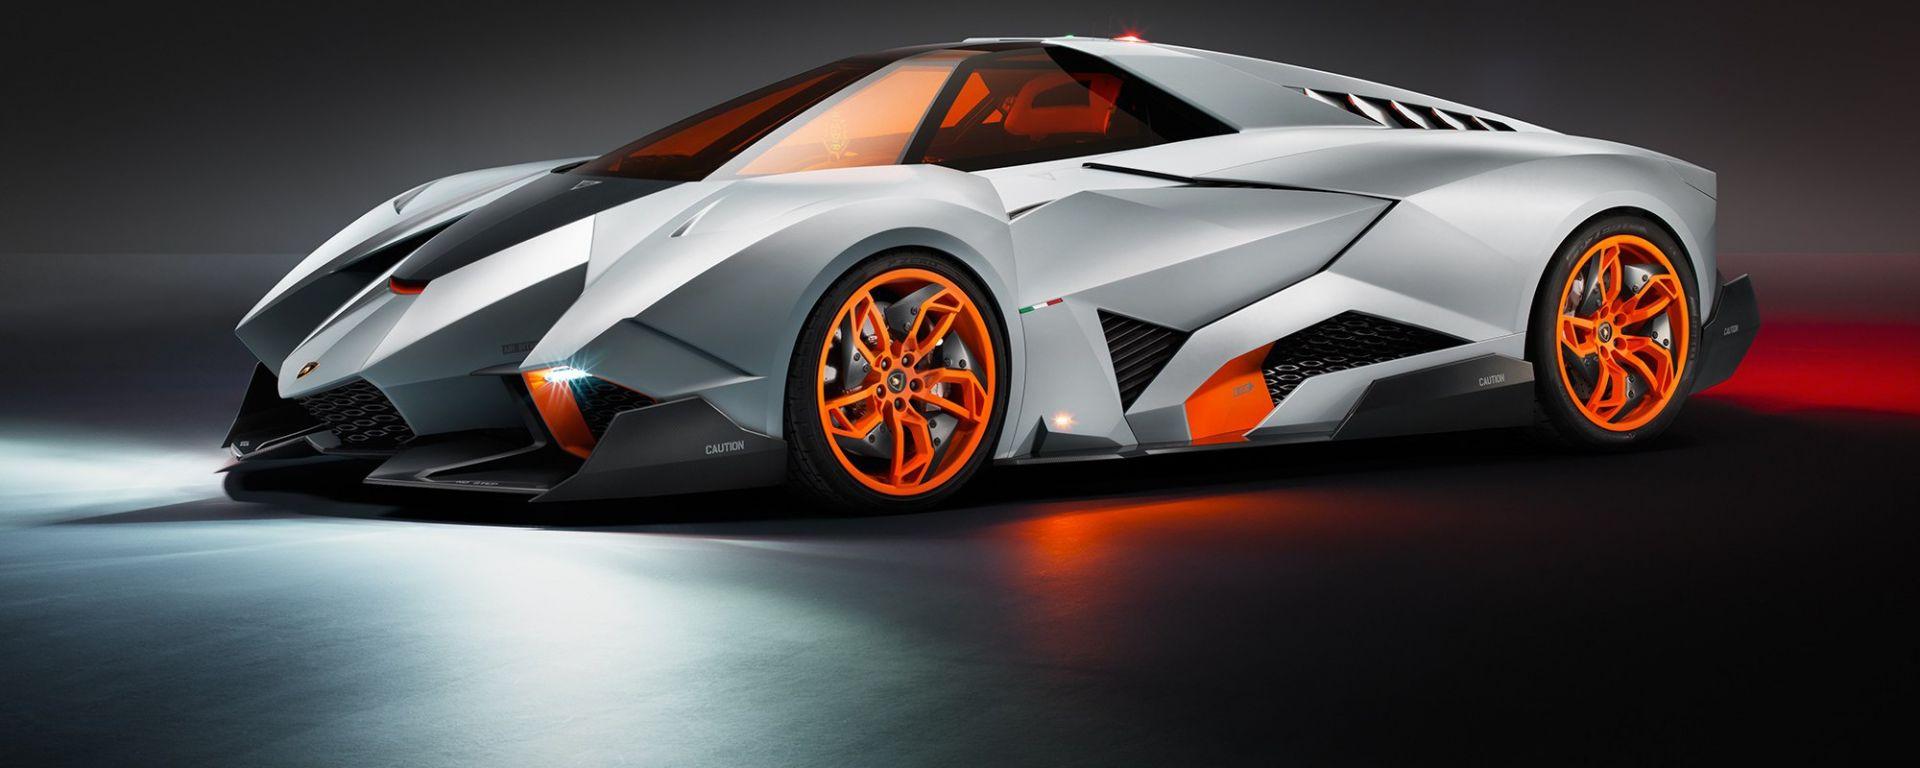 Lamborghini al lavoro su una supercar elettrica?